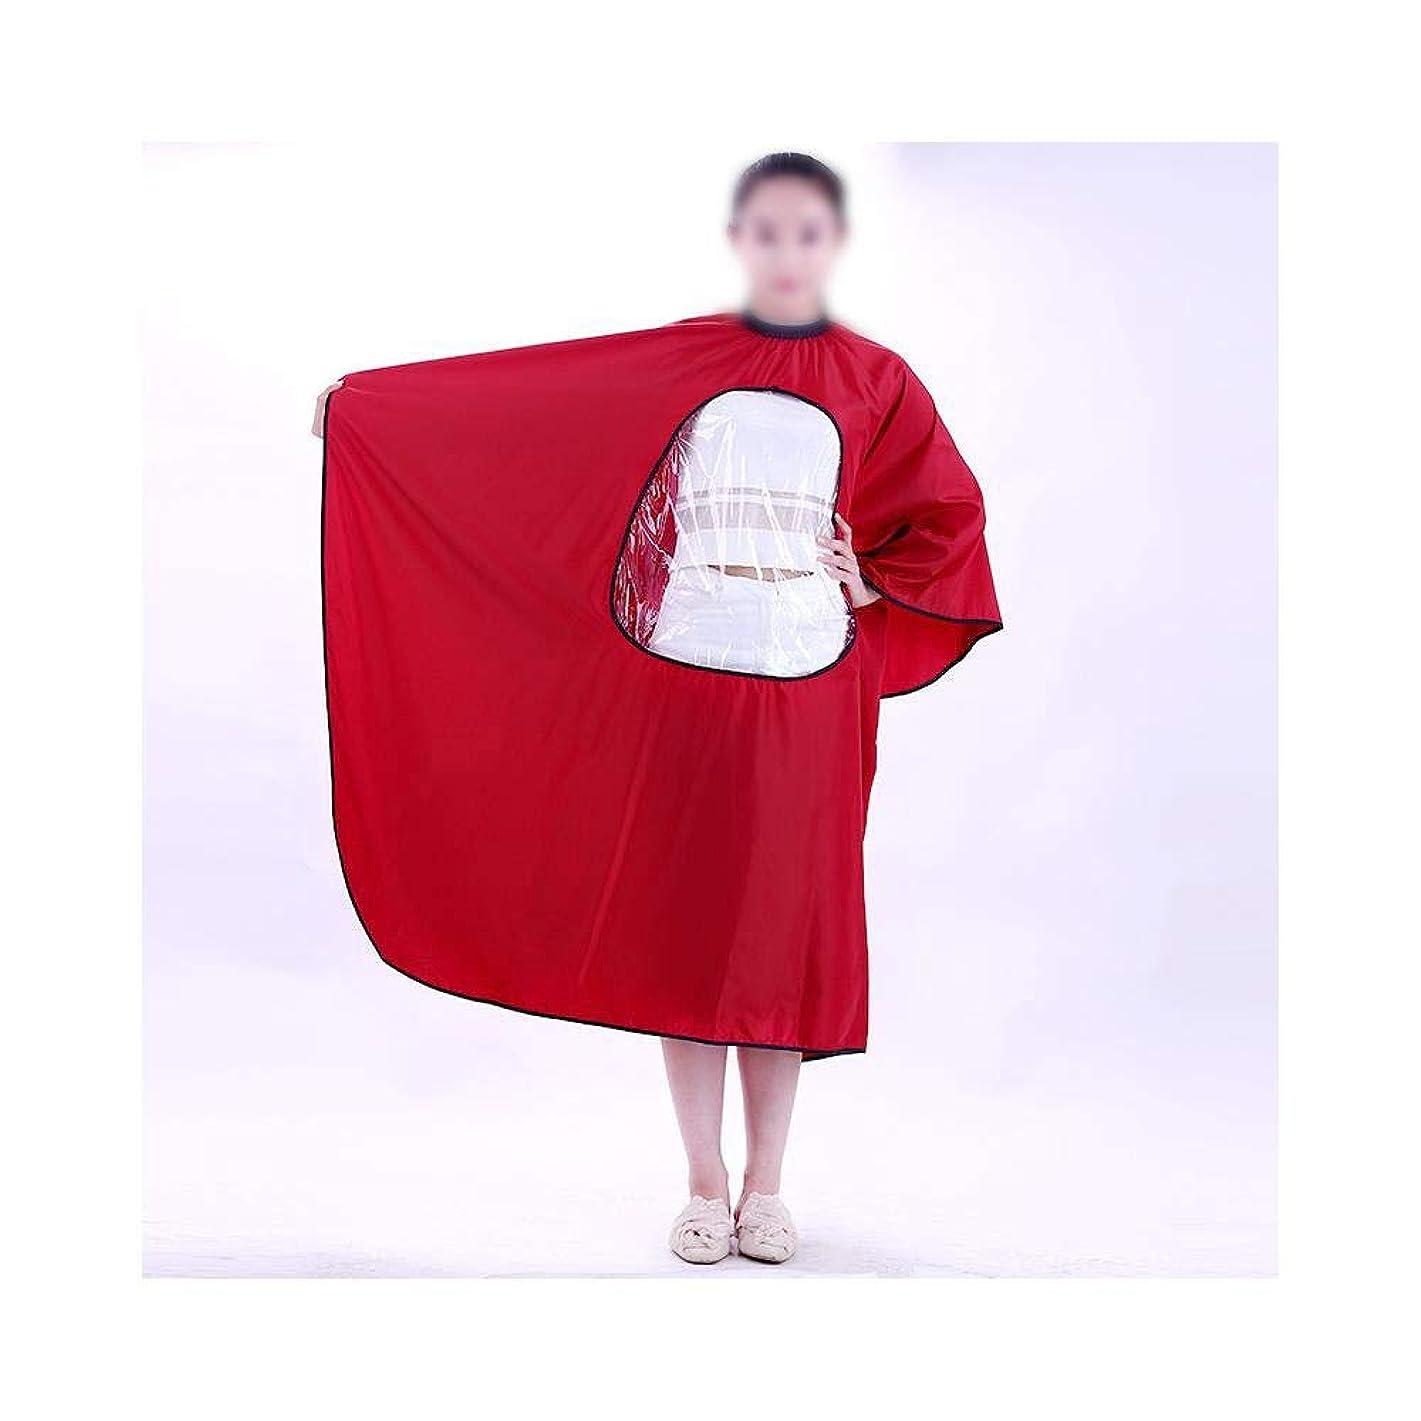 二雑品バケツXingfuzhijia 透明な観覧窓が付いている大広間の切断の岬理髪店のシャンプーの岬のヘアカットのエプロンの布 (色 : レッド)